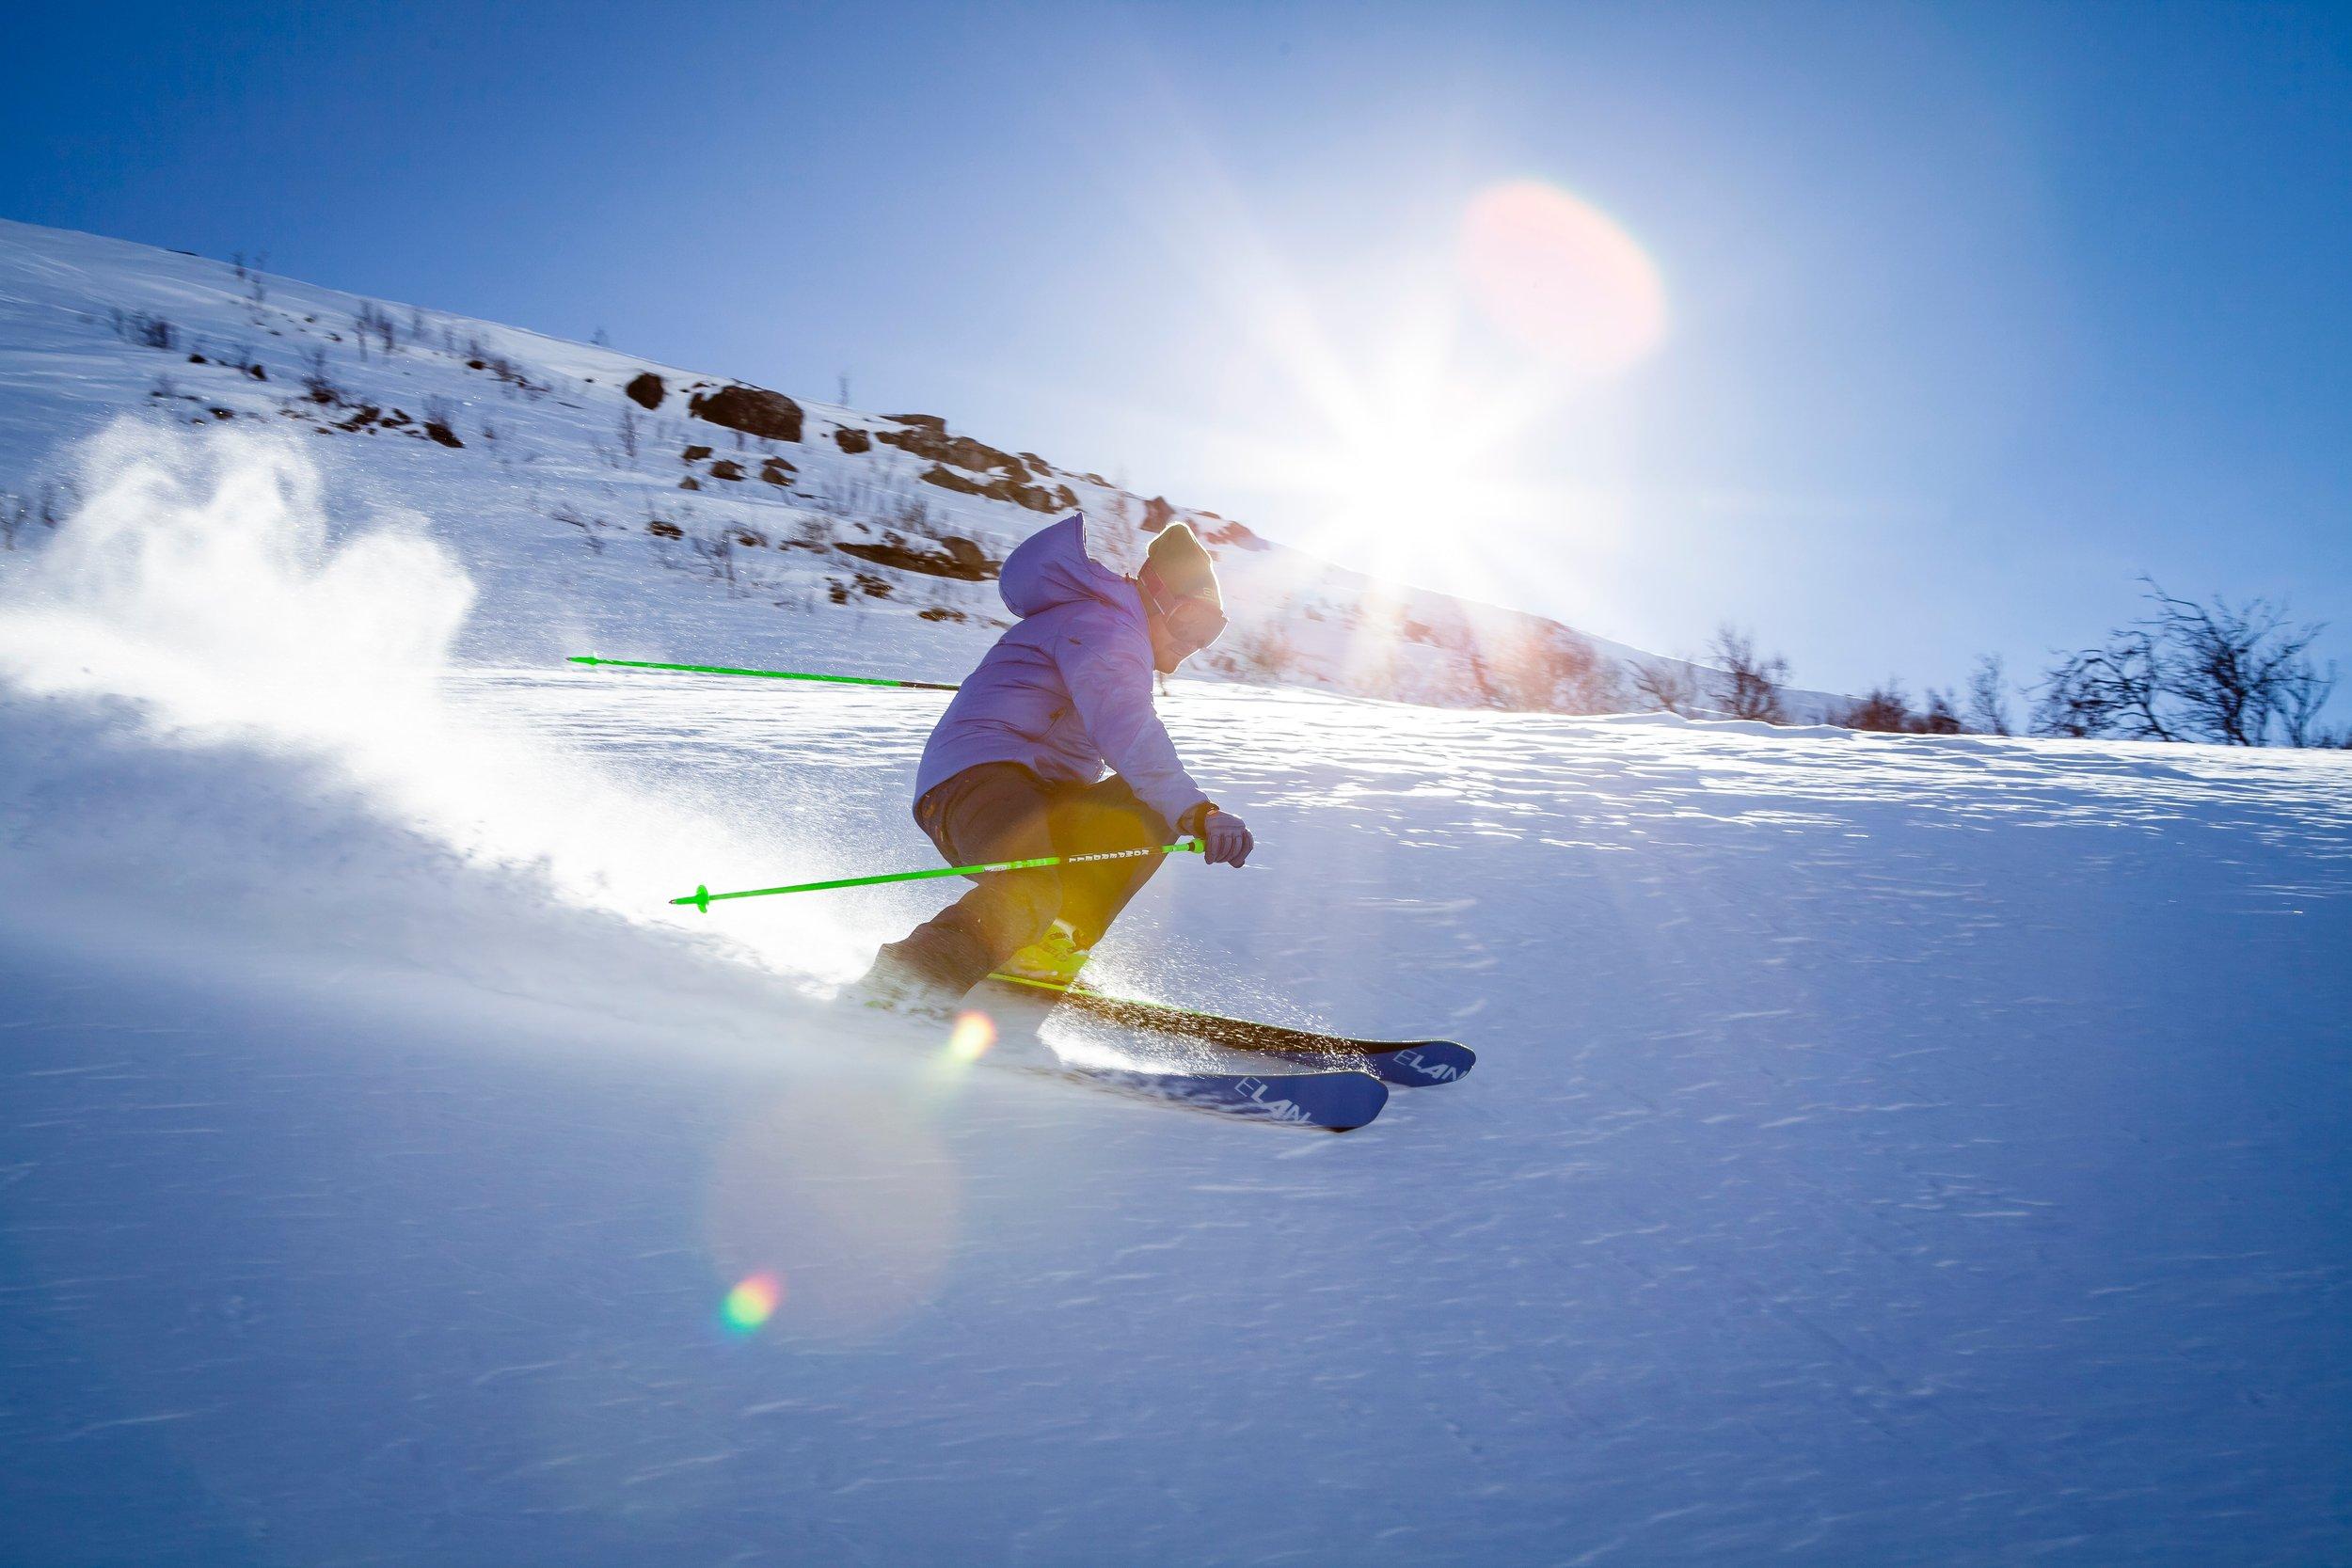 Skifahren & Snowboarden - Flachau bietet eine vielfältige Zahl einzigartiger Pisten, die ideal von unserem Haus aus erreichbar sind.